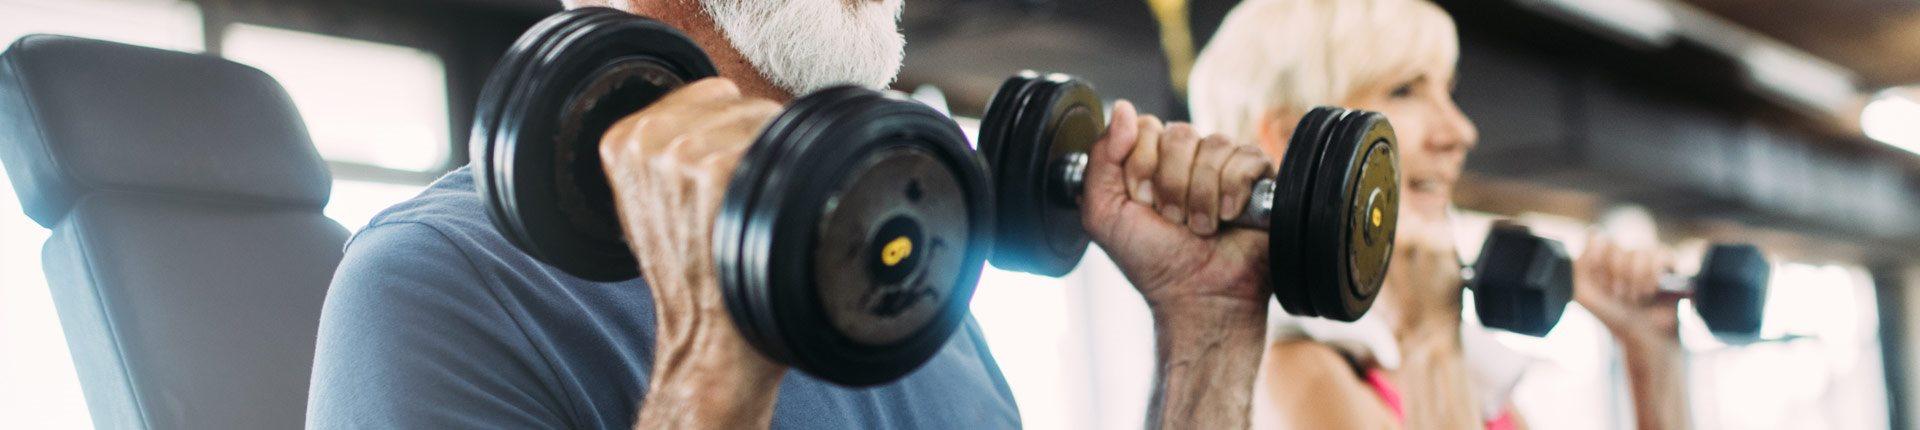 Trening siłowy zmniejsza negatywne skutki chemioterapii